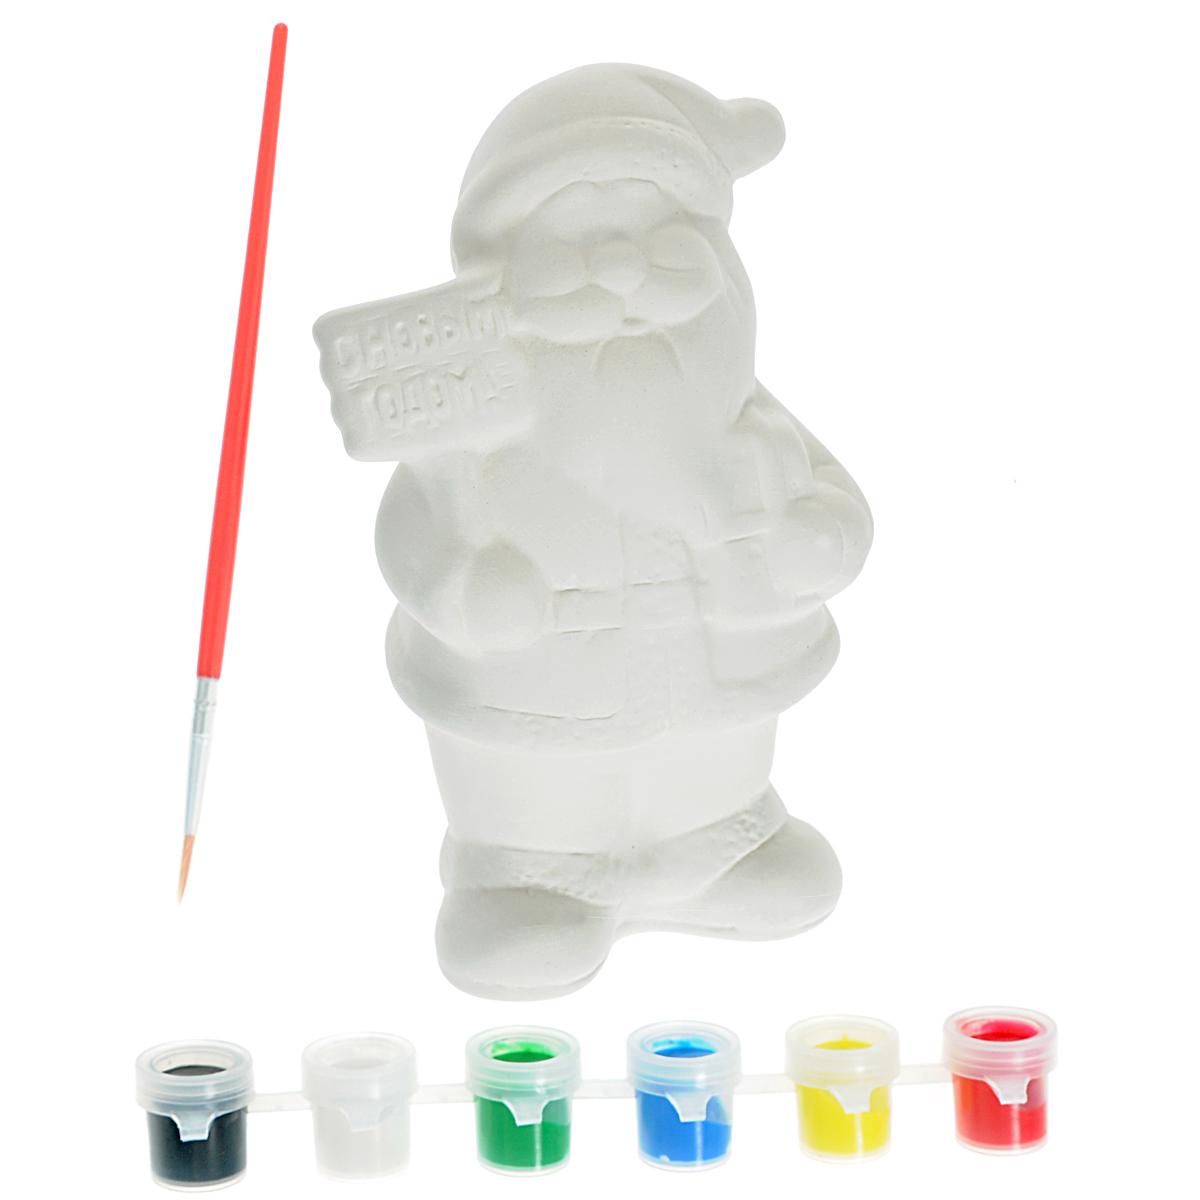 Набор для росписи елочной игрушки Досуг с Буки. Дед Мороз. ВВ0975ВВ0975Набор для росписи Досуг с Буки. Дед Мороз позволит вам своими руками создать оригинальную елочную игрушку в виде Деда Мороза. Атмосферу новогоднего праздника так приятно создавать вместе со своими детьми. Ведь в первую очередь этот праздник, конечно же, для них! А вы помните, какие игрушки на вашей елке знакомы вам с самого вашего детства? А теперь представьте, что ваш ребенок вместе с вами создал сам новогоднюю игрушку, которая будет из года в год украшать вашу красавицу - елку. В наборе вы найдете все необходимое: керамическую заготовку игрушки в виде Деда Мороза, краски шести классических цветов и кисть. Раскрашивать изделия из керамики - очень интересно и увлекательно. Готовая расписная керамическая фигурка станет прекрасным украшением любого интерьера или замечательным подарком для близких и друзей. Процесс раскрашивания помогает развить творческие способности, усидчивость, внимательность, самостоятельность, координацию движений. Создать...